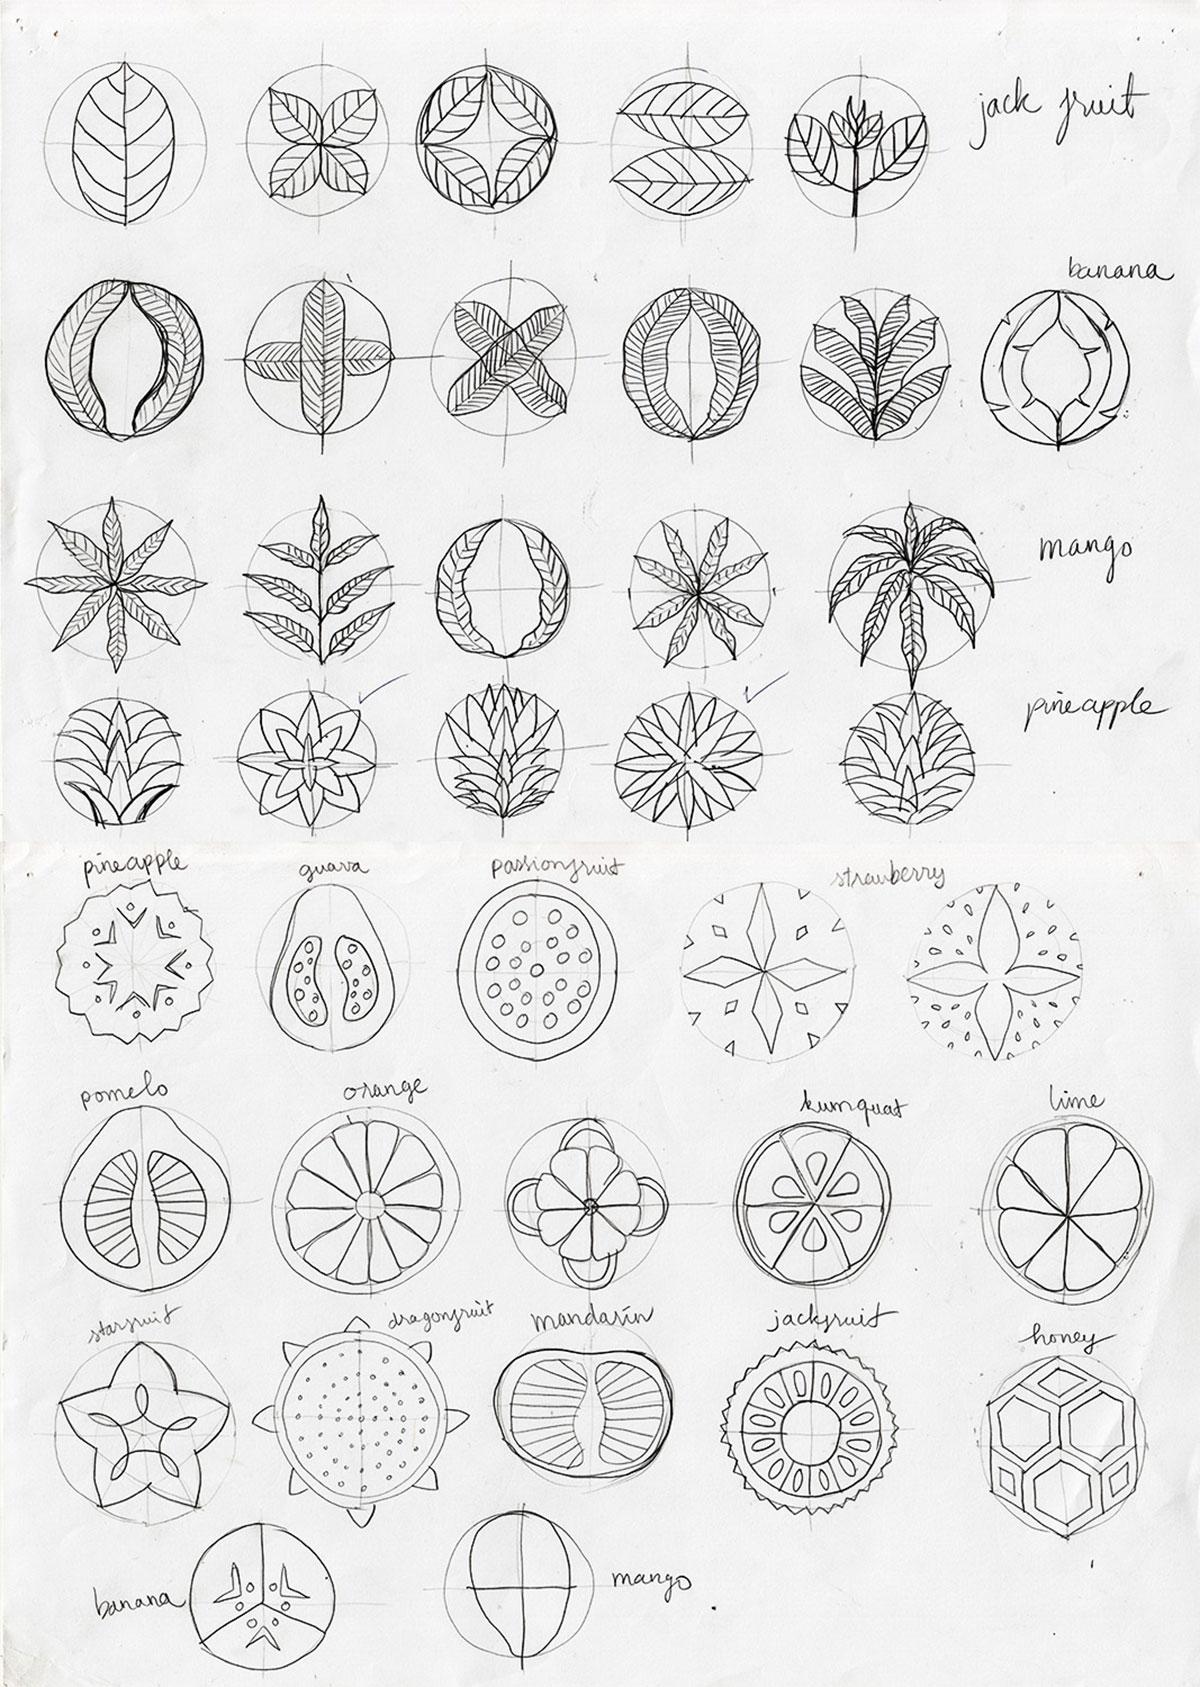 Le Fruit sketches